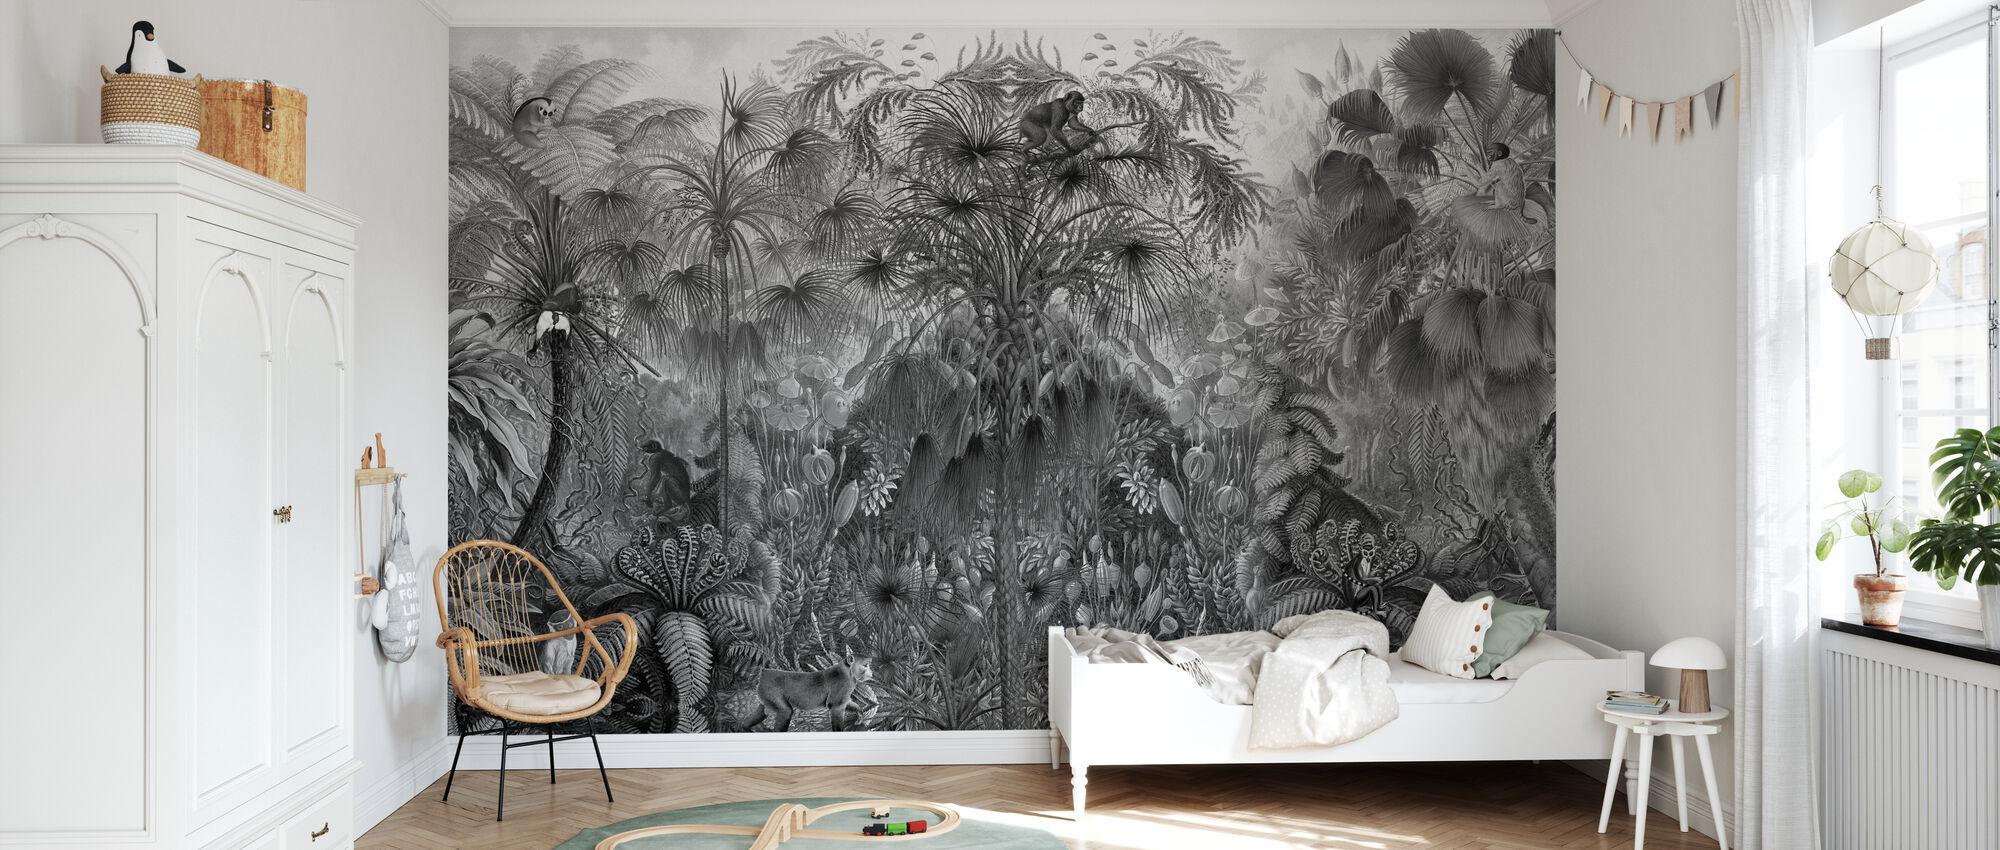 Monkey See Monkey - Wallpaper - Kids Room